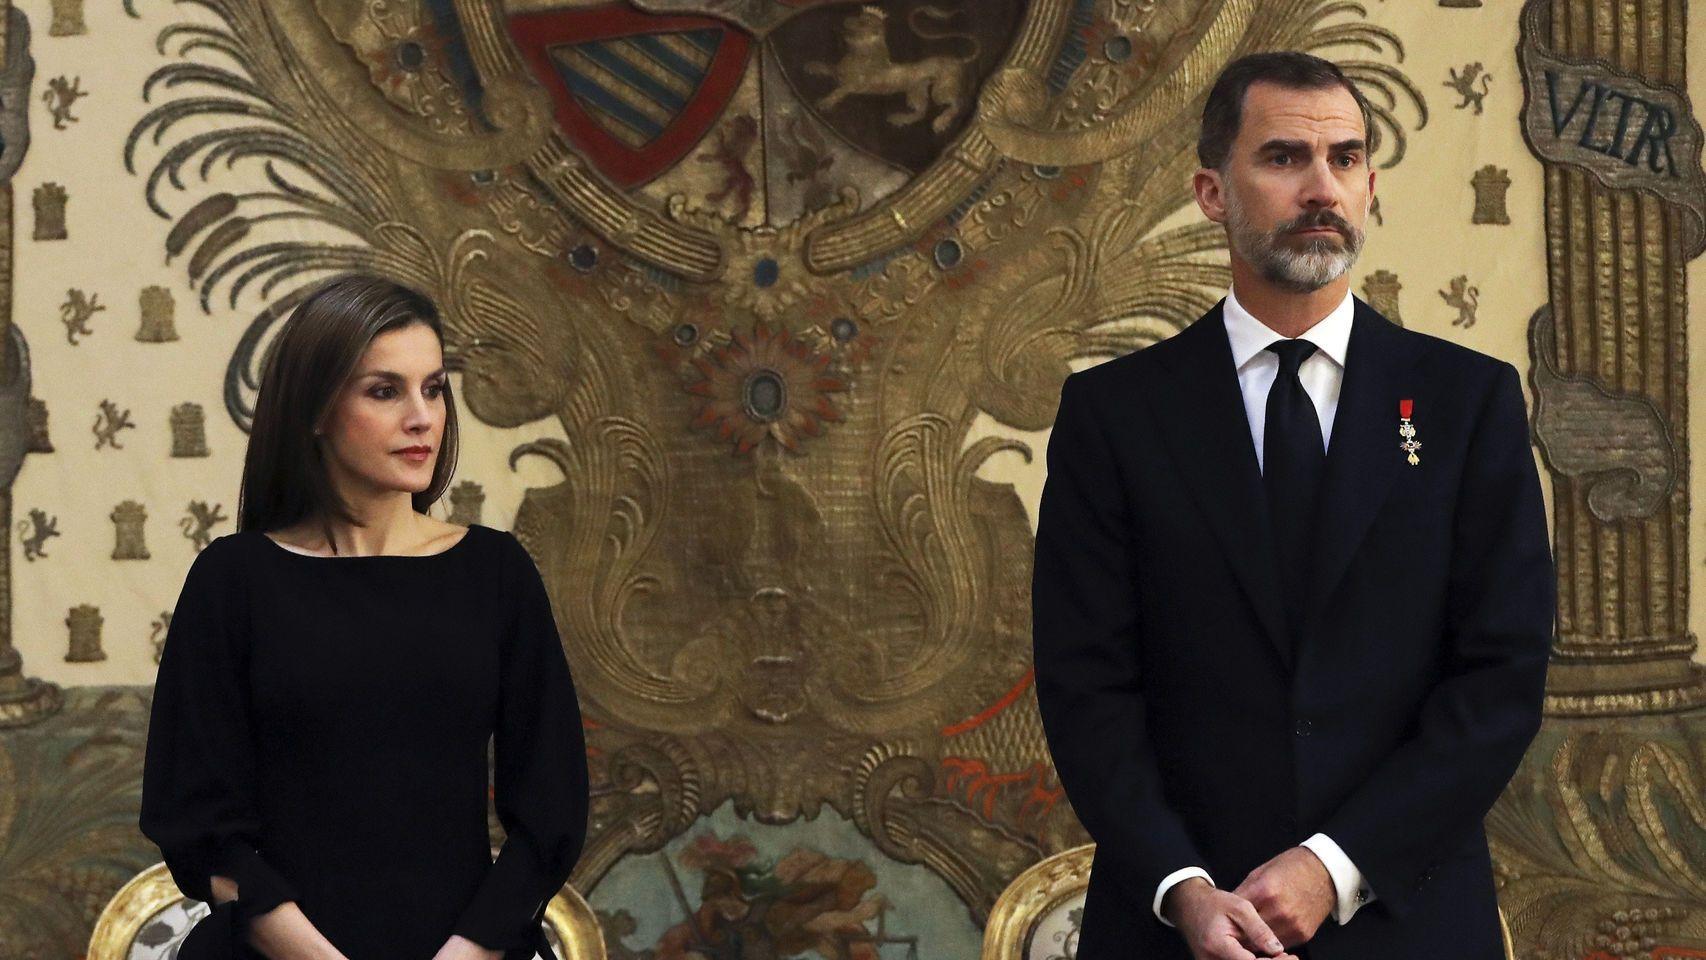 Foro Hispanico De Opiniones Sobre La Realeza Fotos Queen Letizia Royal Fashion Royal Look